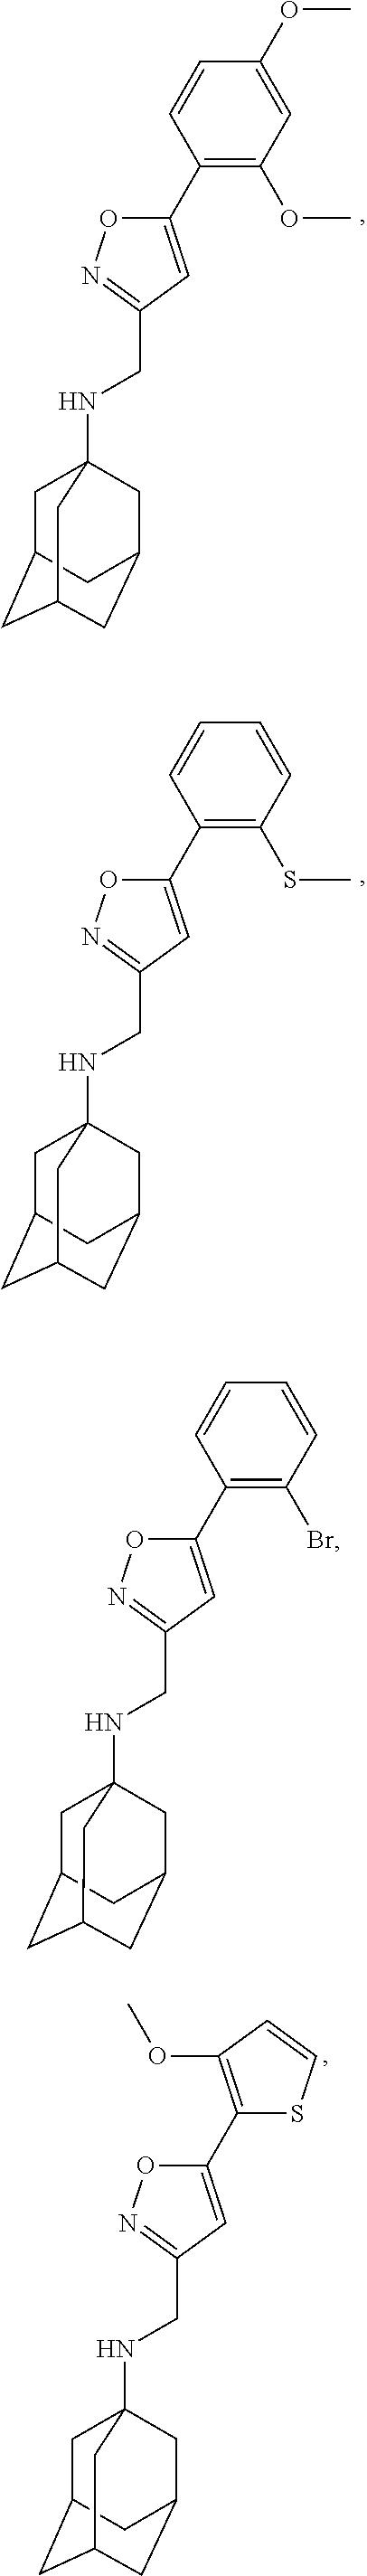 Figure US09884832-20180206-C00085